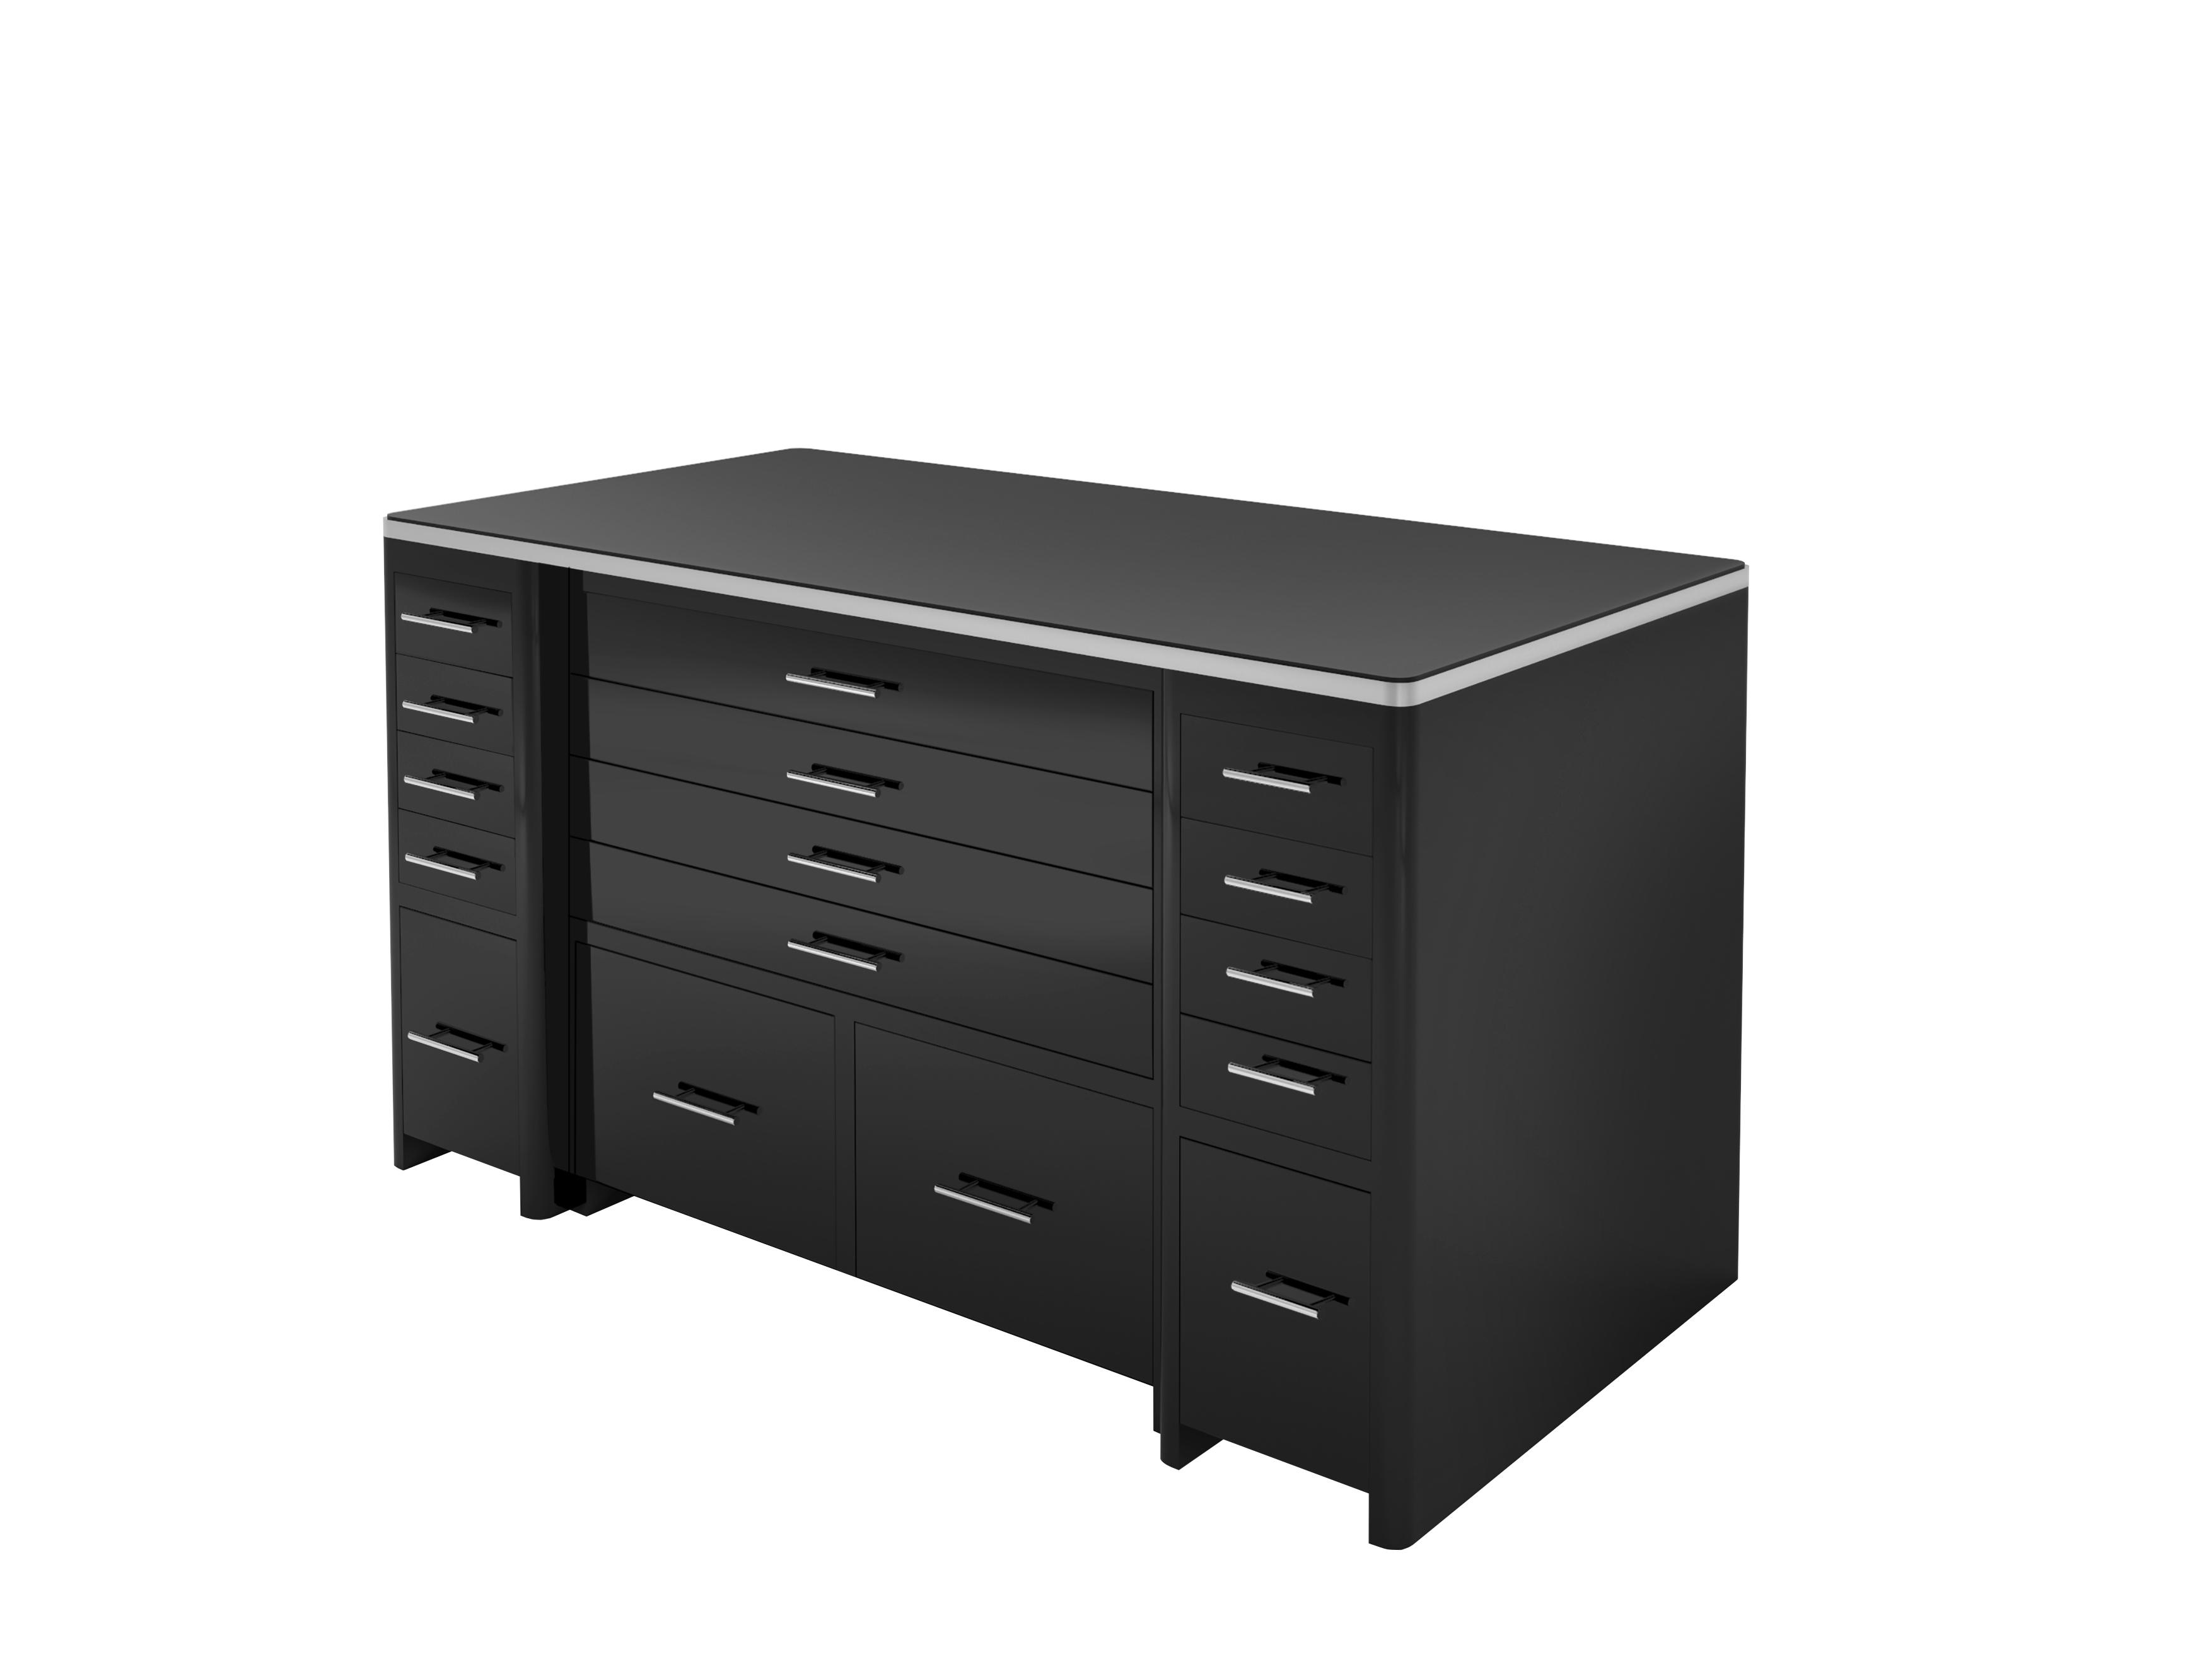 hochglanz schwarzer schreibtisch mit schubladen front original antike m bel. Black Bedroom Furniture Sets. Home Design Ideas